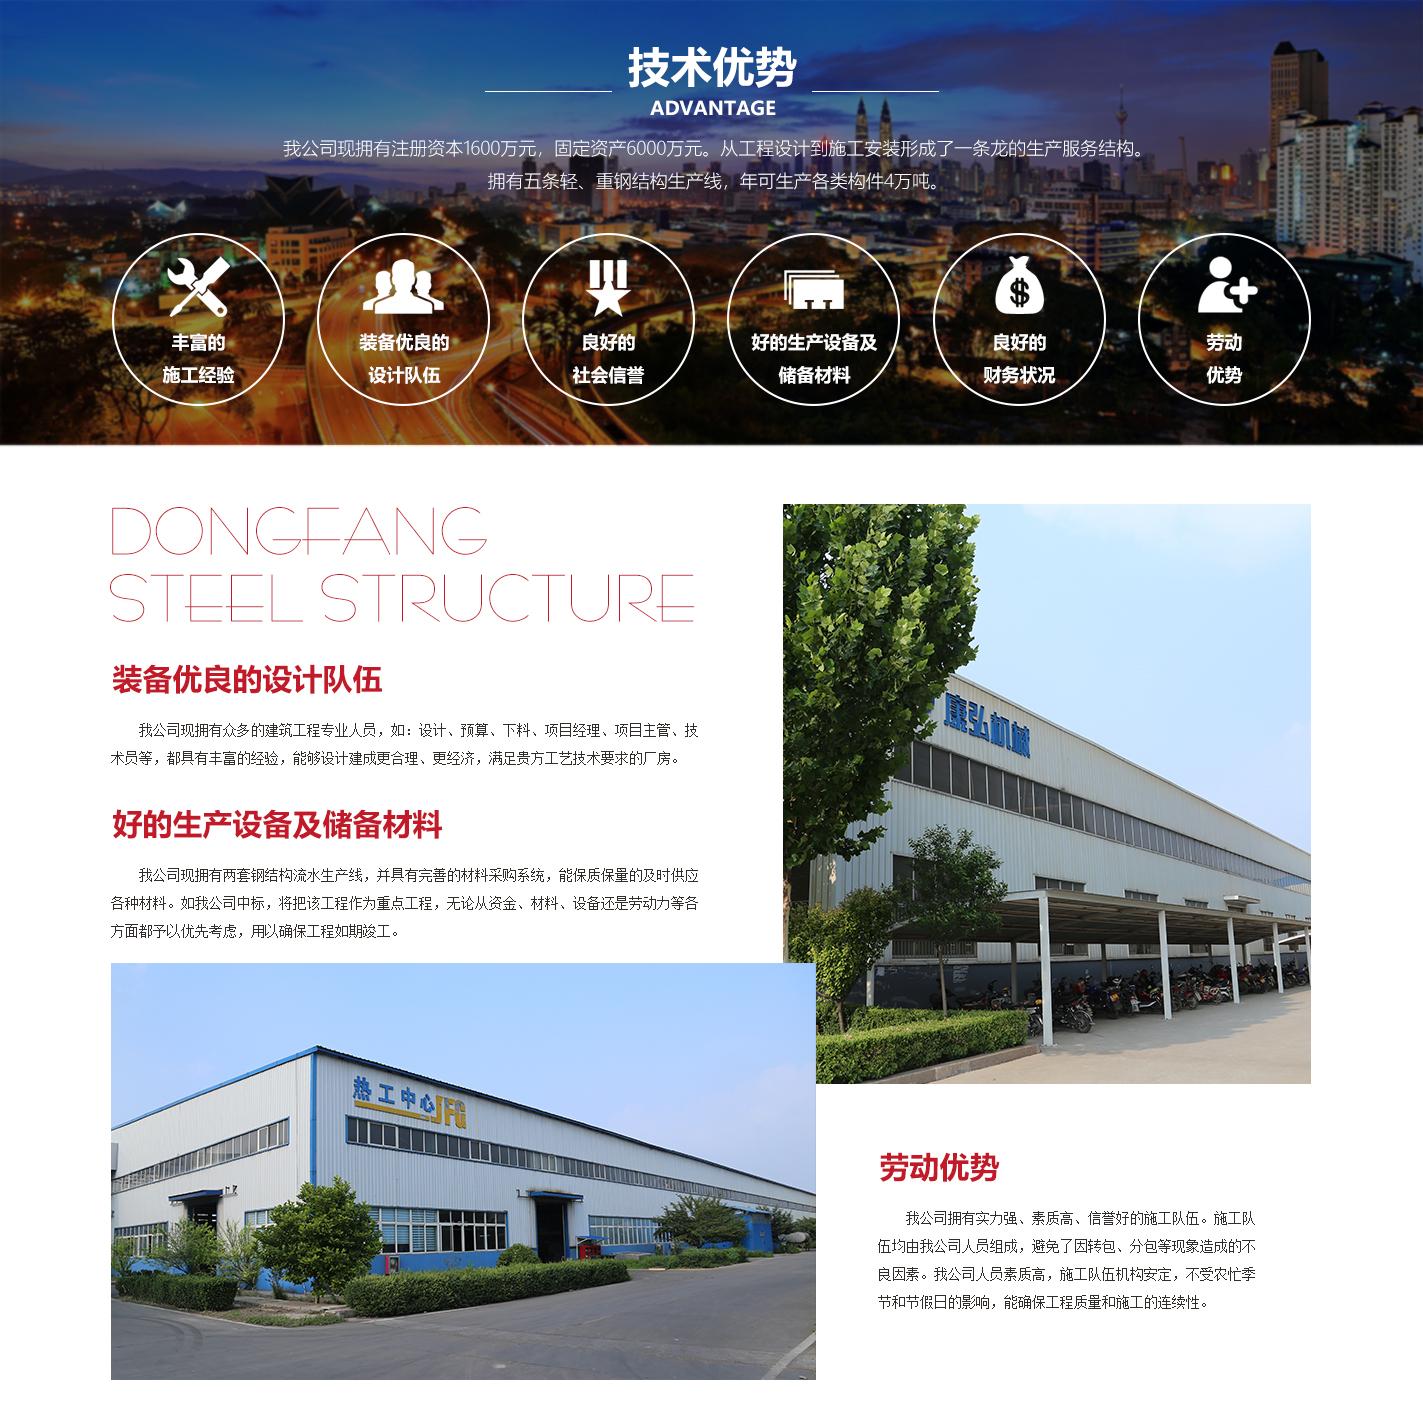 山東東方鋼結構工程有限公司介紹